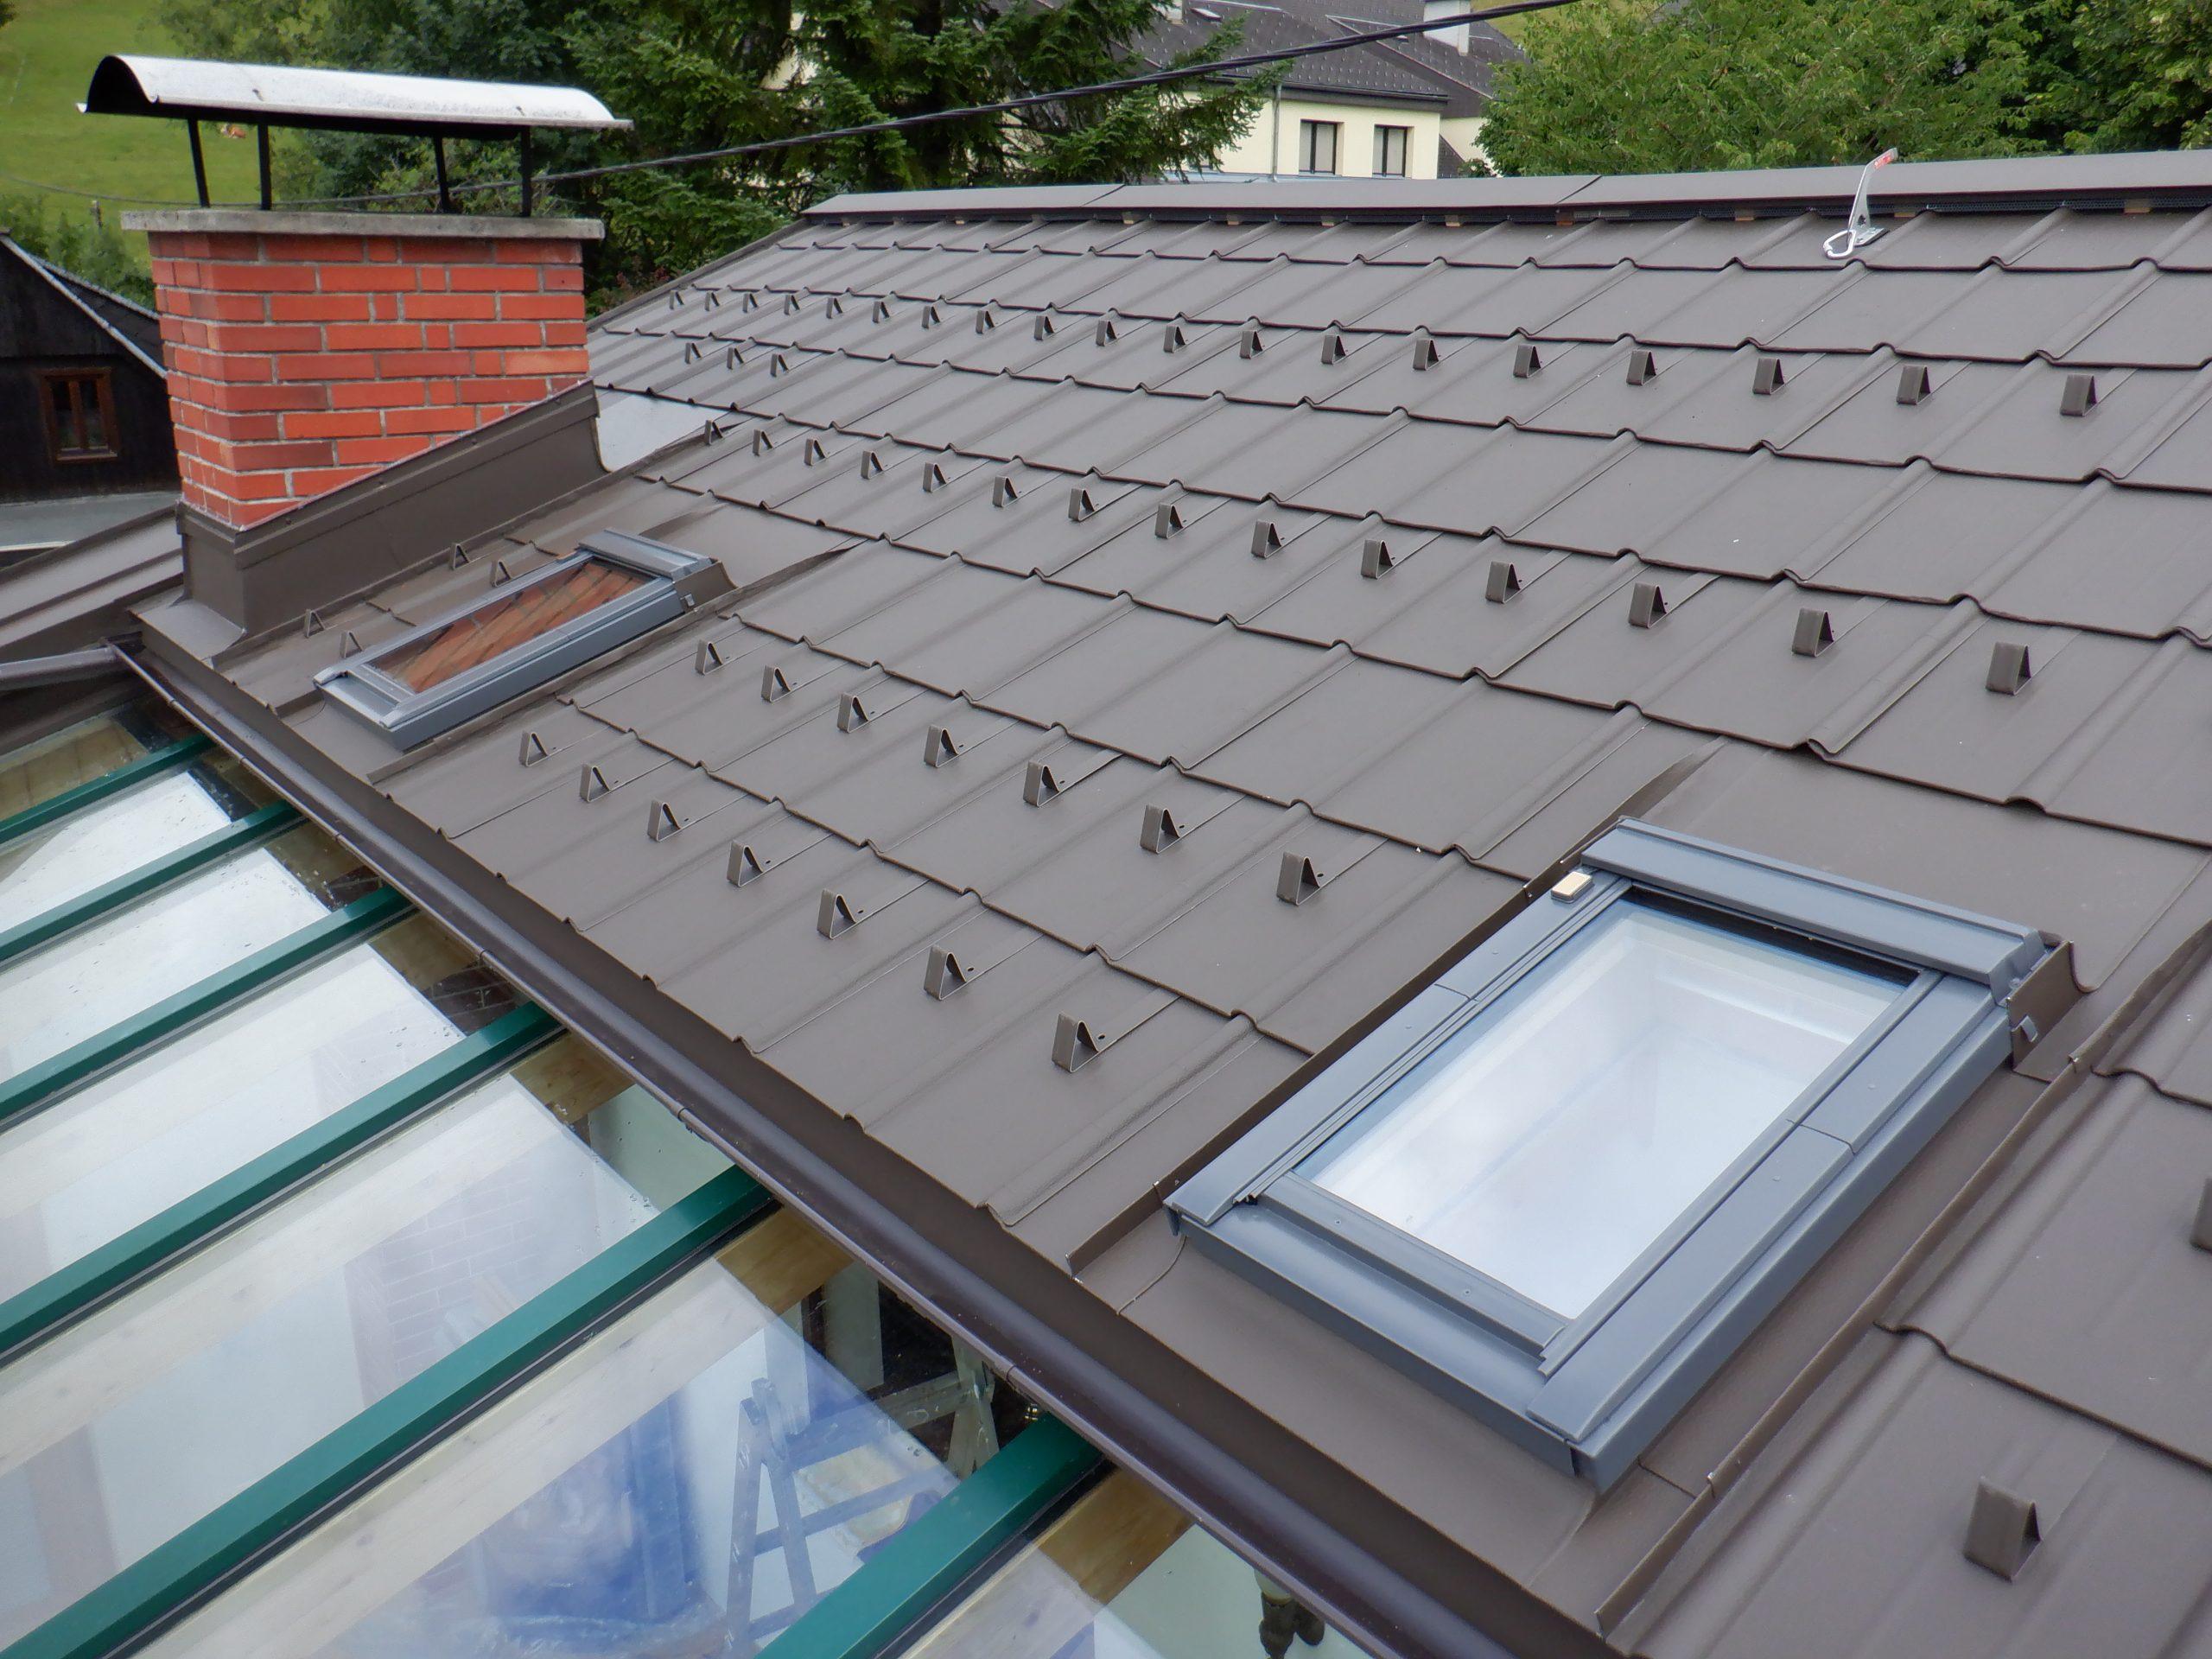 Prefa Dachplatten P10 Farbe Braun, Einbindung von Velux Dachflächenfenster sowie einer Kamineinfassung. Durchgehende Firstentlüftung.